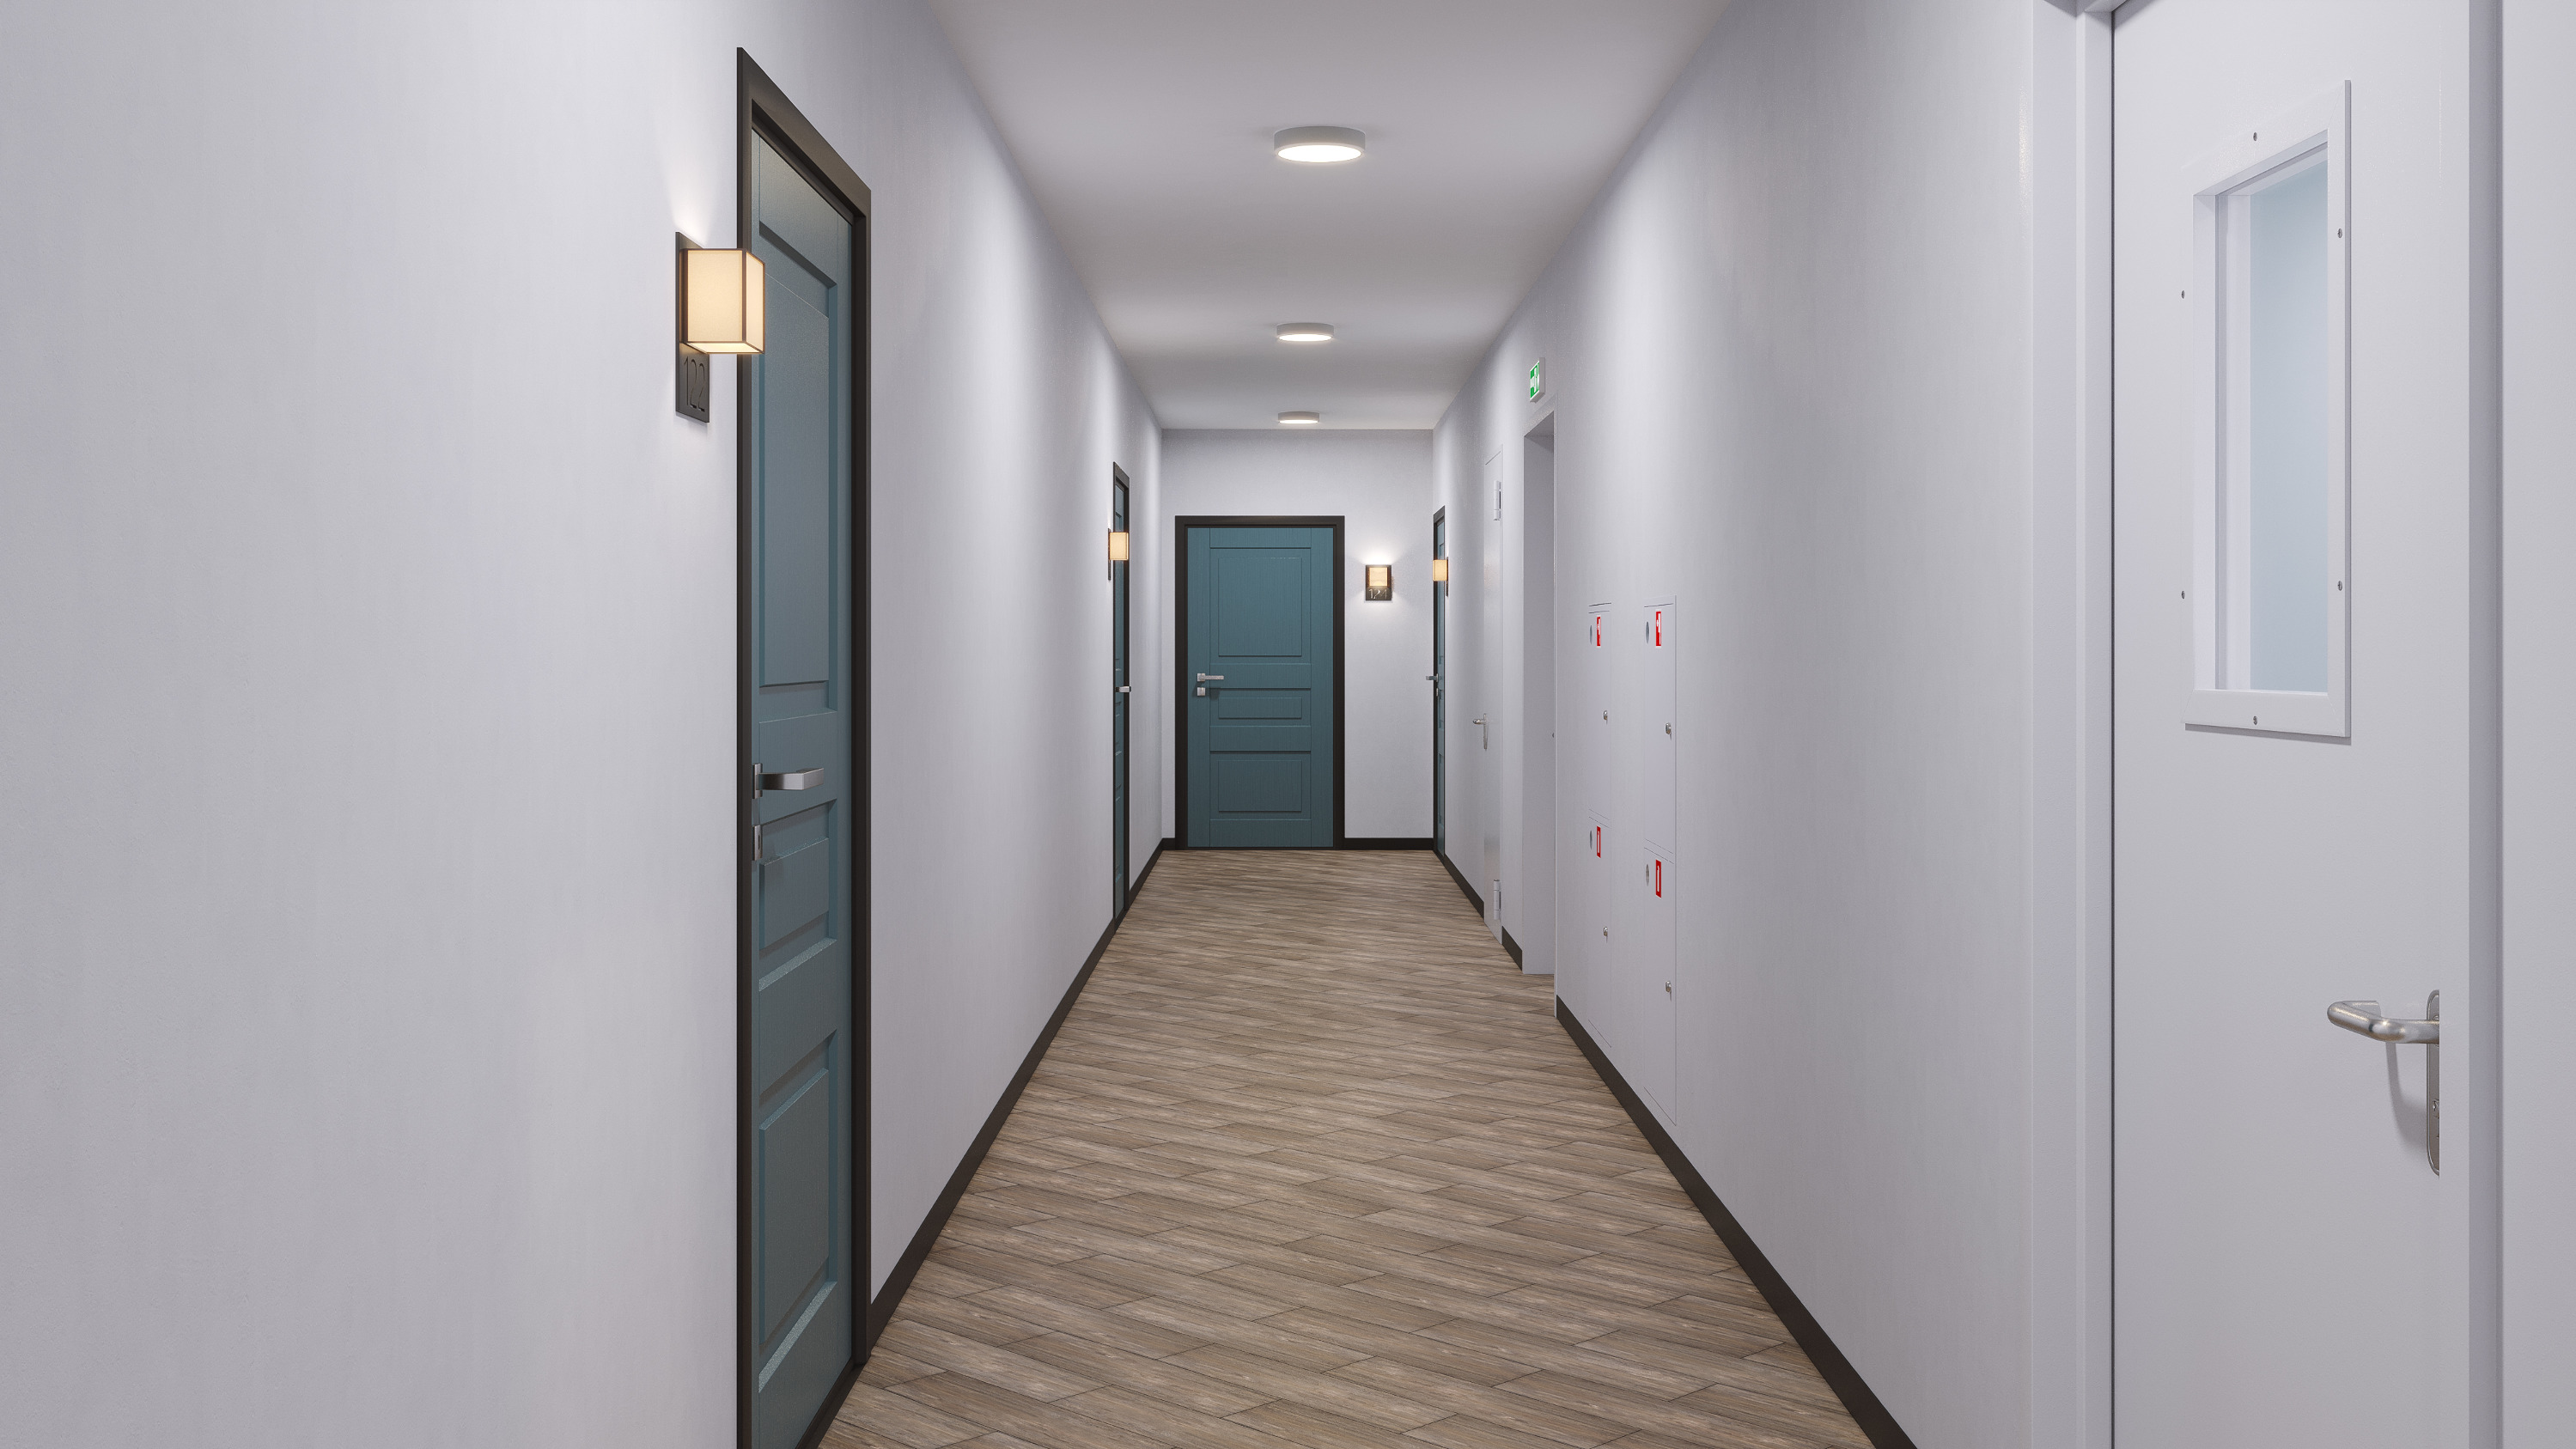 Межквартирные коридоры широкие и светлые